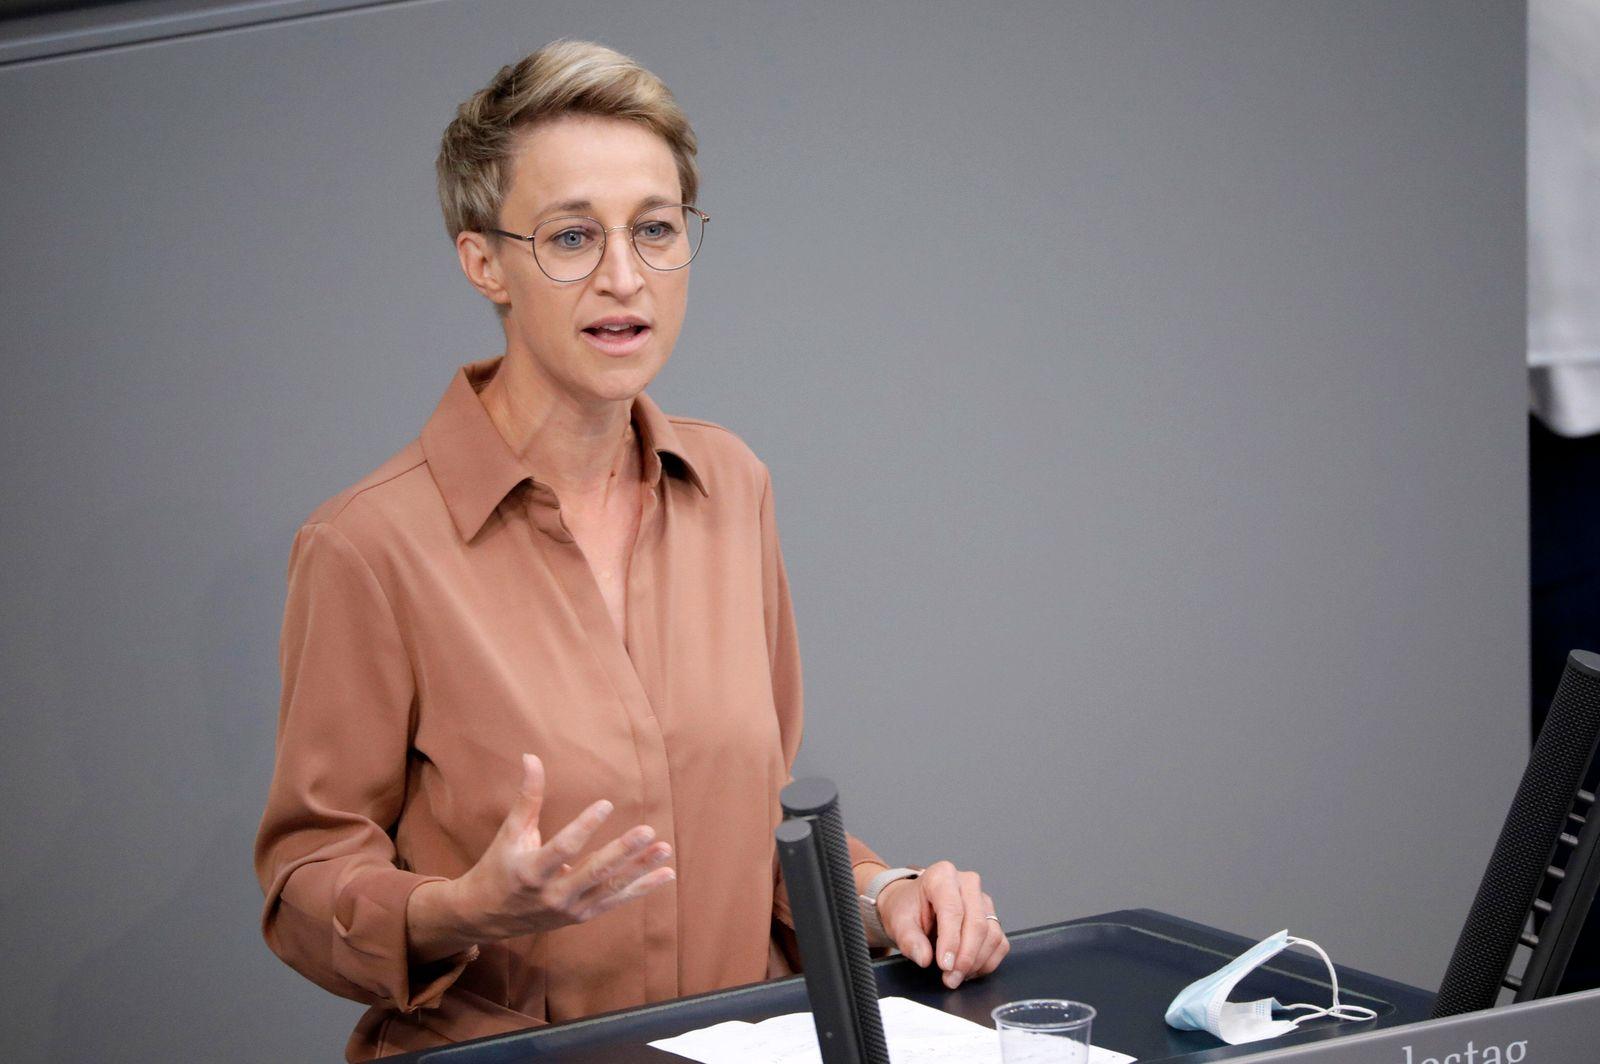 Nadine Schön in der 237. Sitzung des Deutschen Bundestages im Reichstagsgebäude. Berlin, 25.06.2021 *** Nadine Schön at